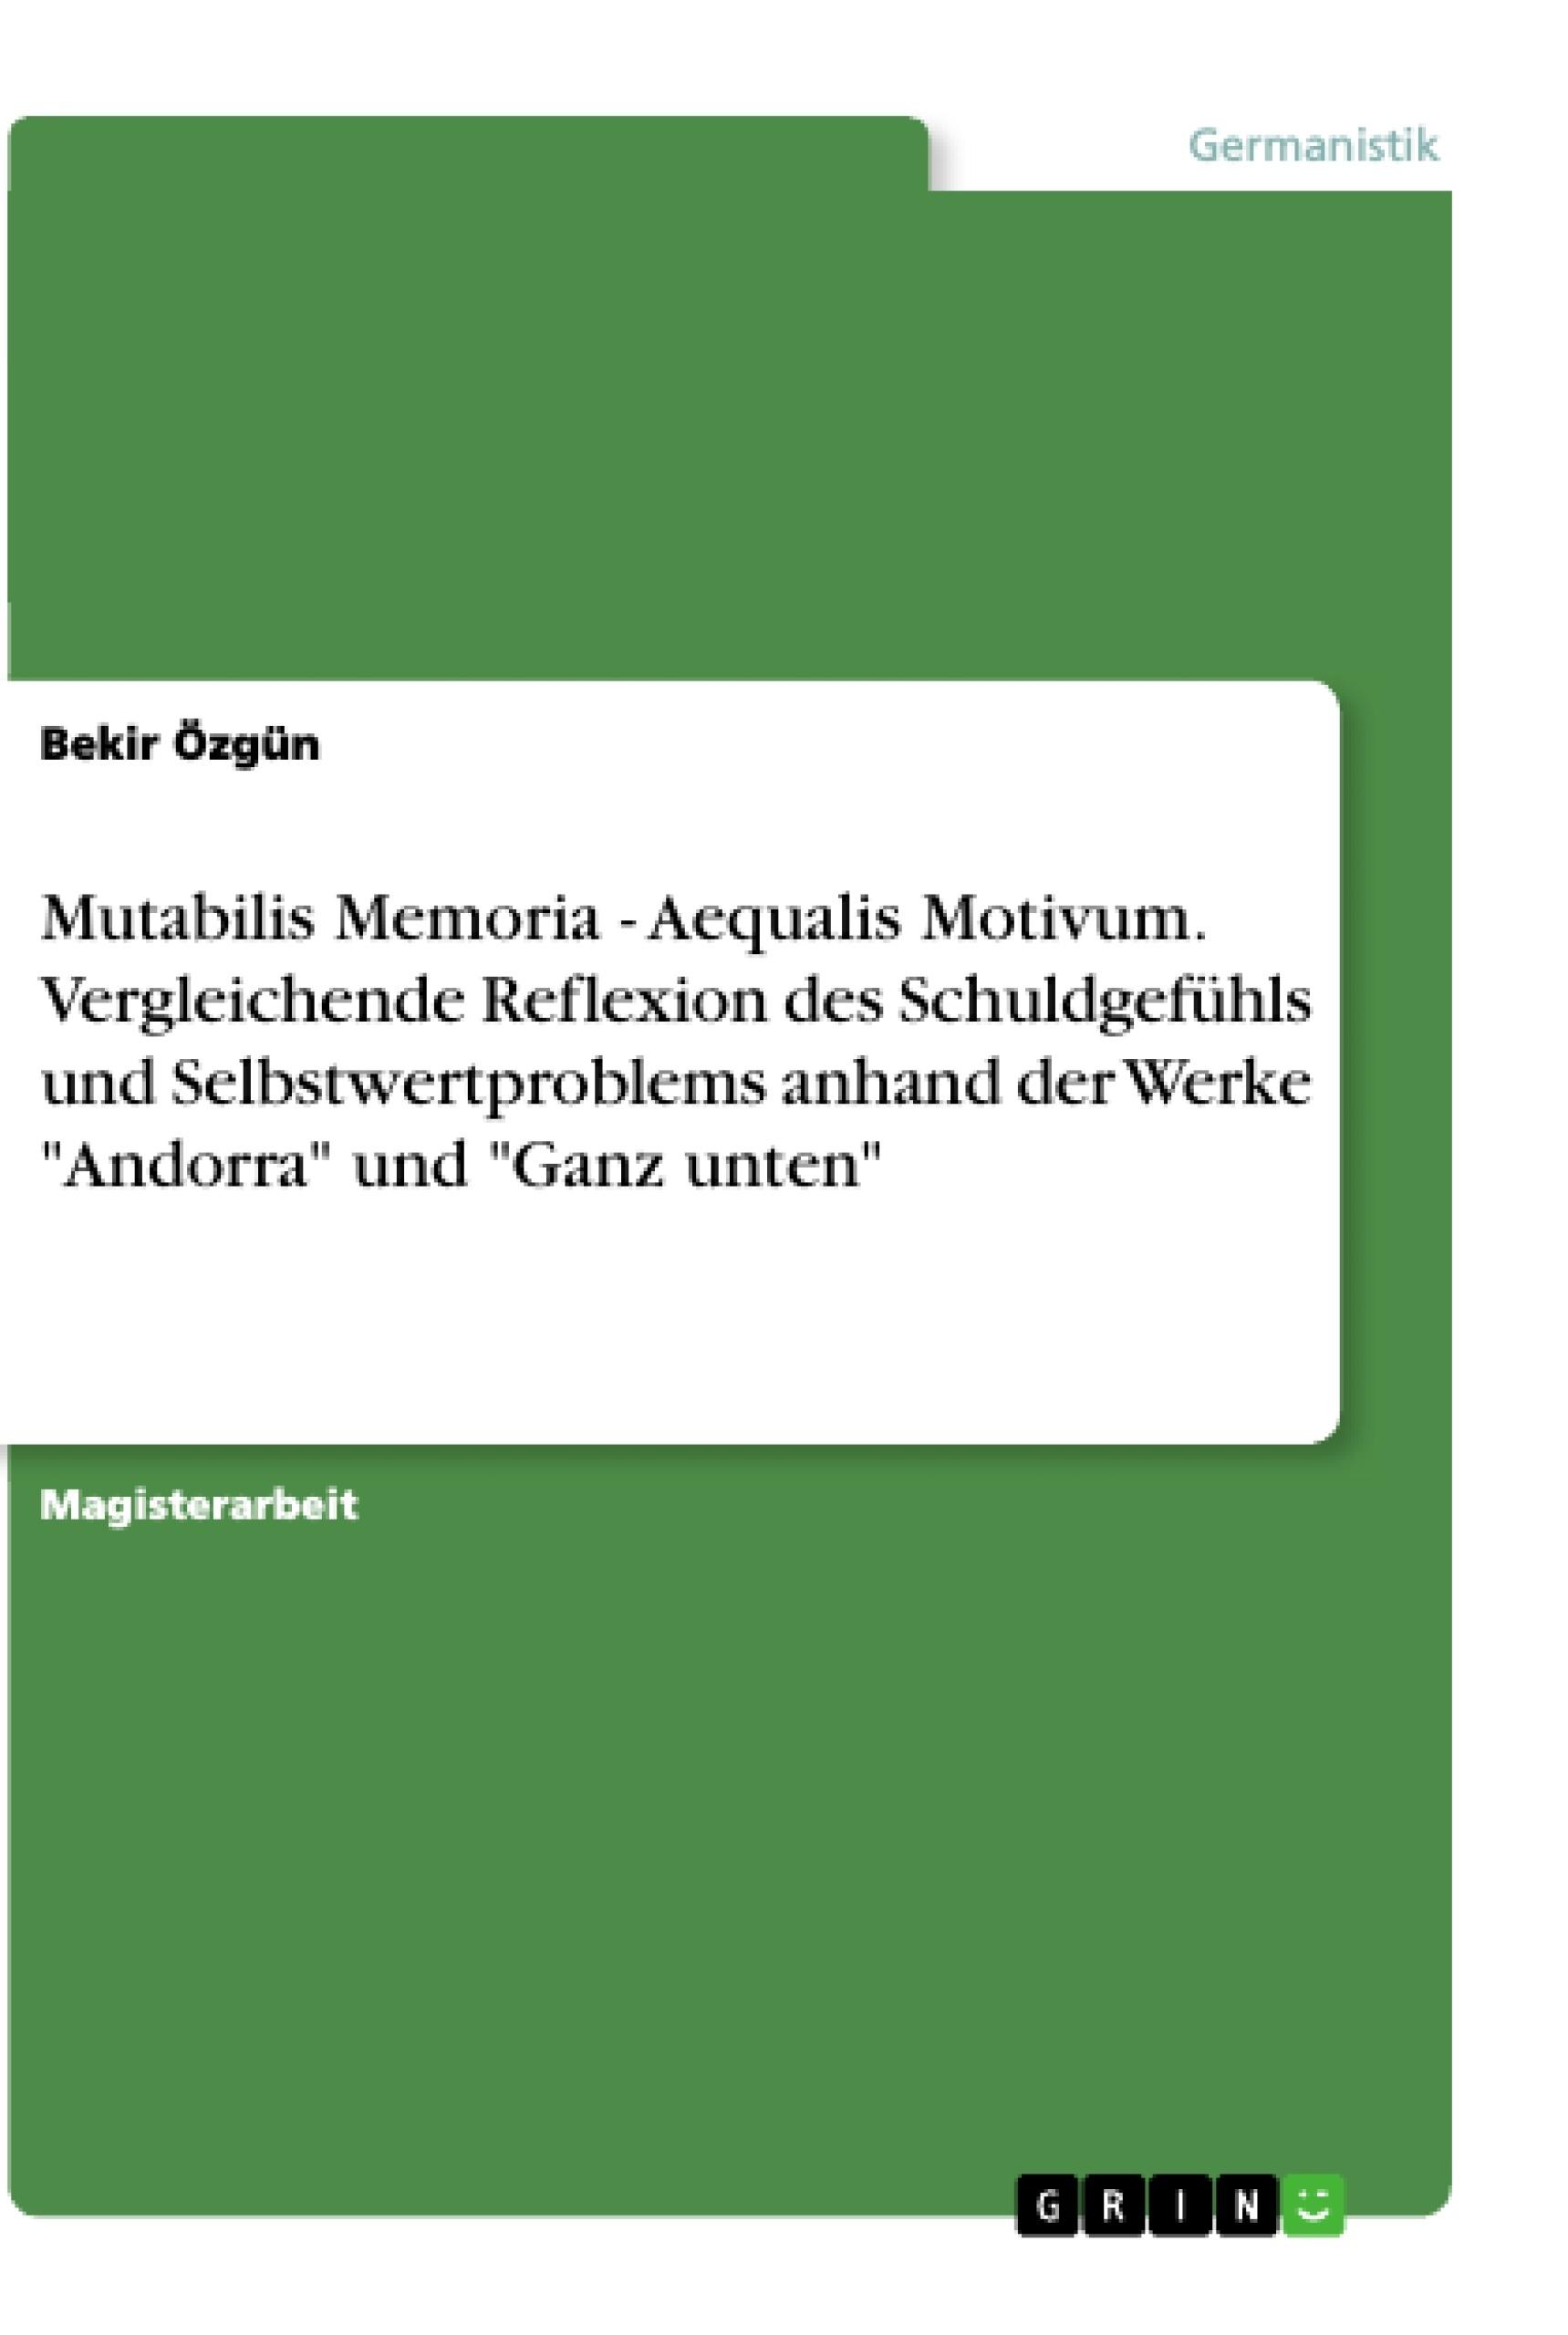 """Titel: Mutabilis Memoria - Aequalis Motivum. Vergleichende Reflexion des Schuldgefühls und Selbstwertproblems anhand der Werke """"Andorra"""" und """"Ganz unten"""""""